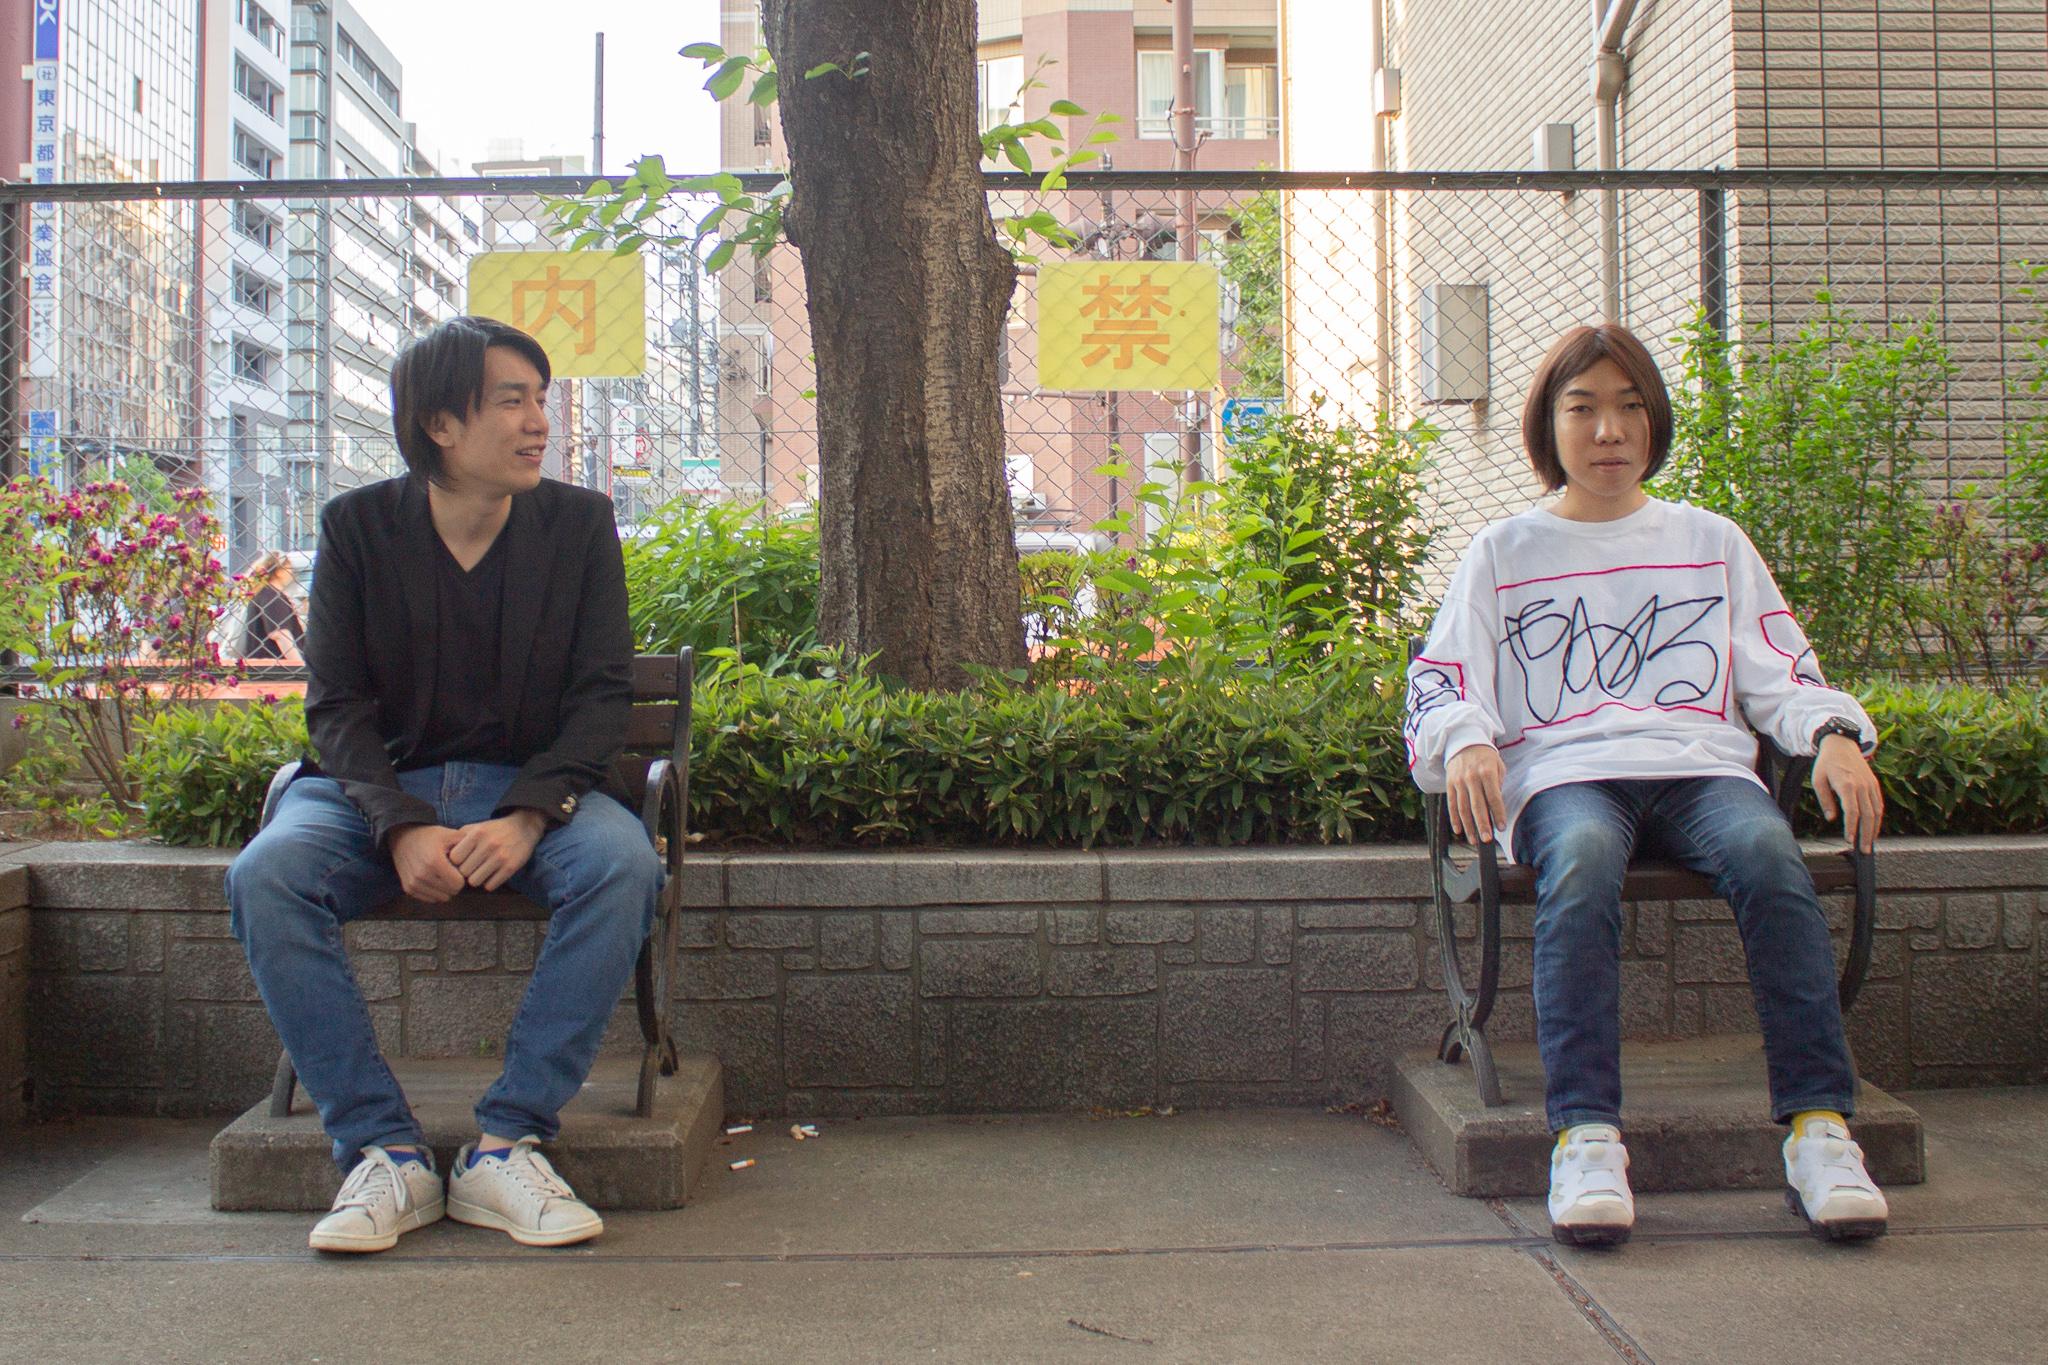 帝王的な感じで公園のベンチに座る菊池さん